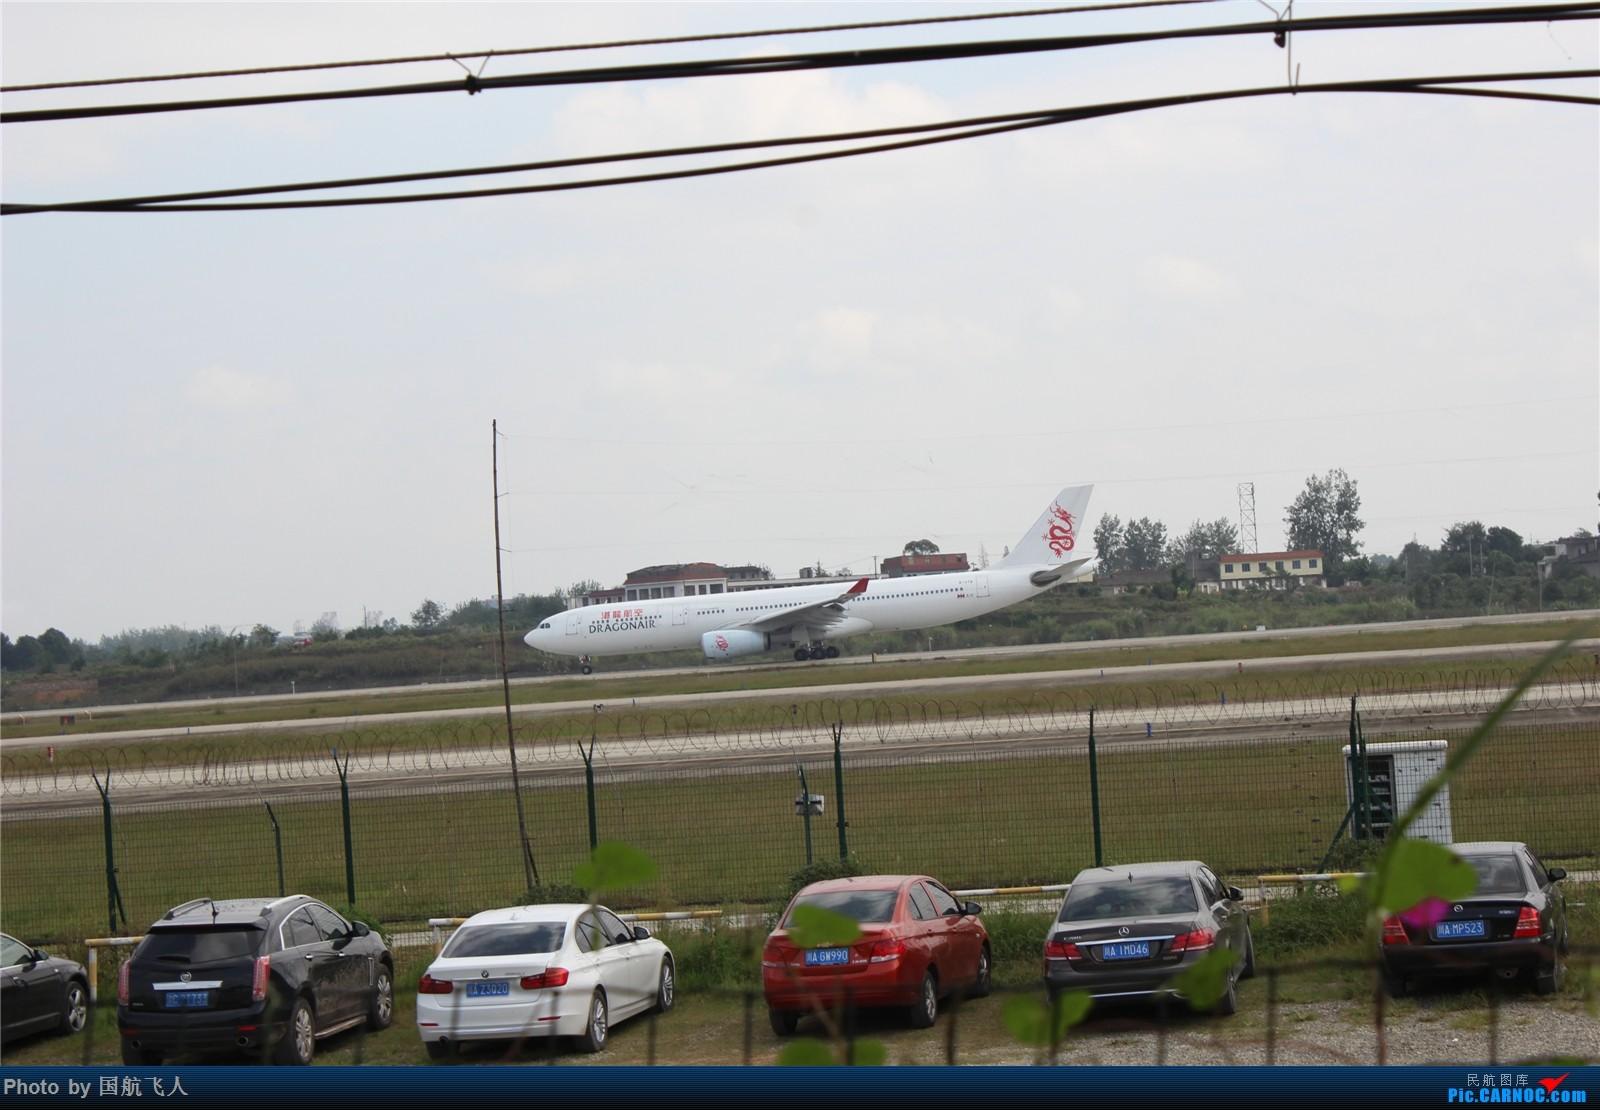 [原创]专辑【2】:10月4日拍的重型机 AIRBUS330-300 B-HTB 中国成都双流国际机场